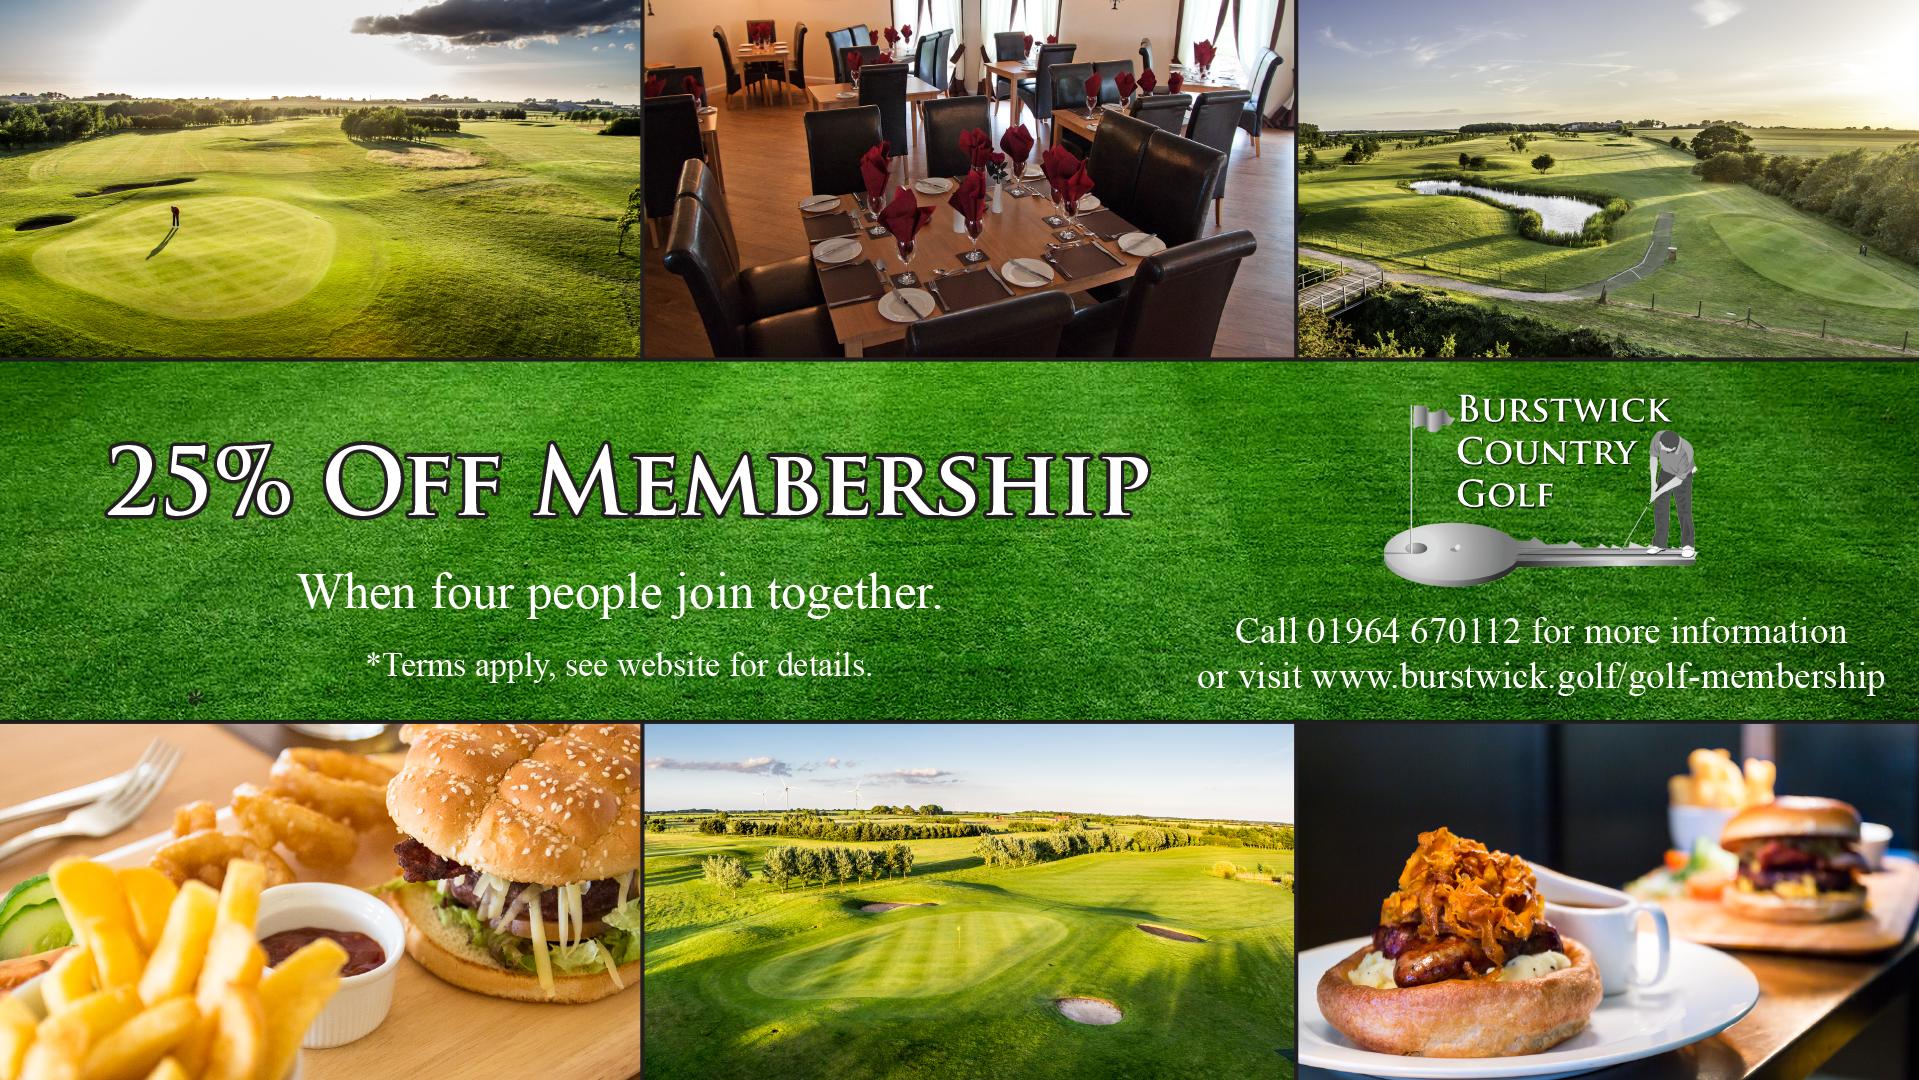 25% Off Membership 4 for 3 offer